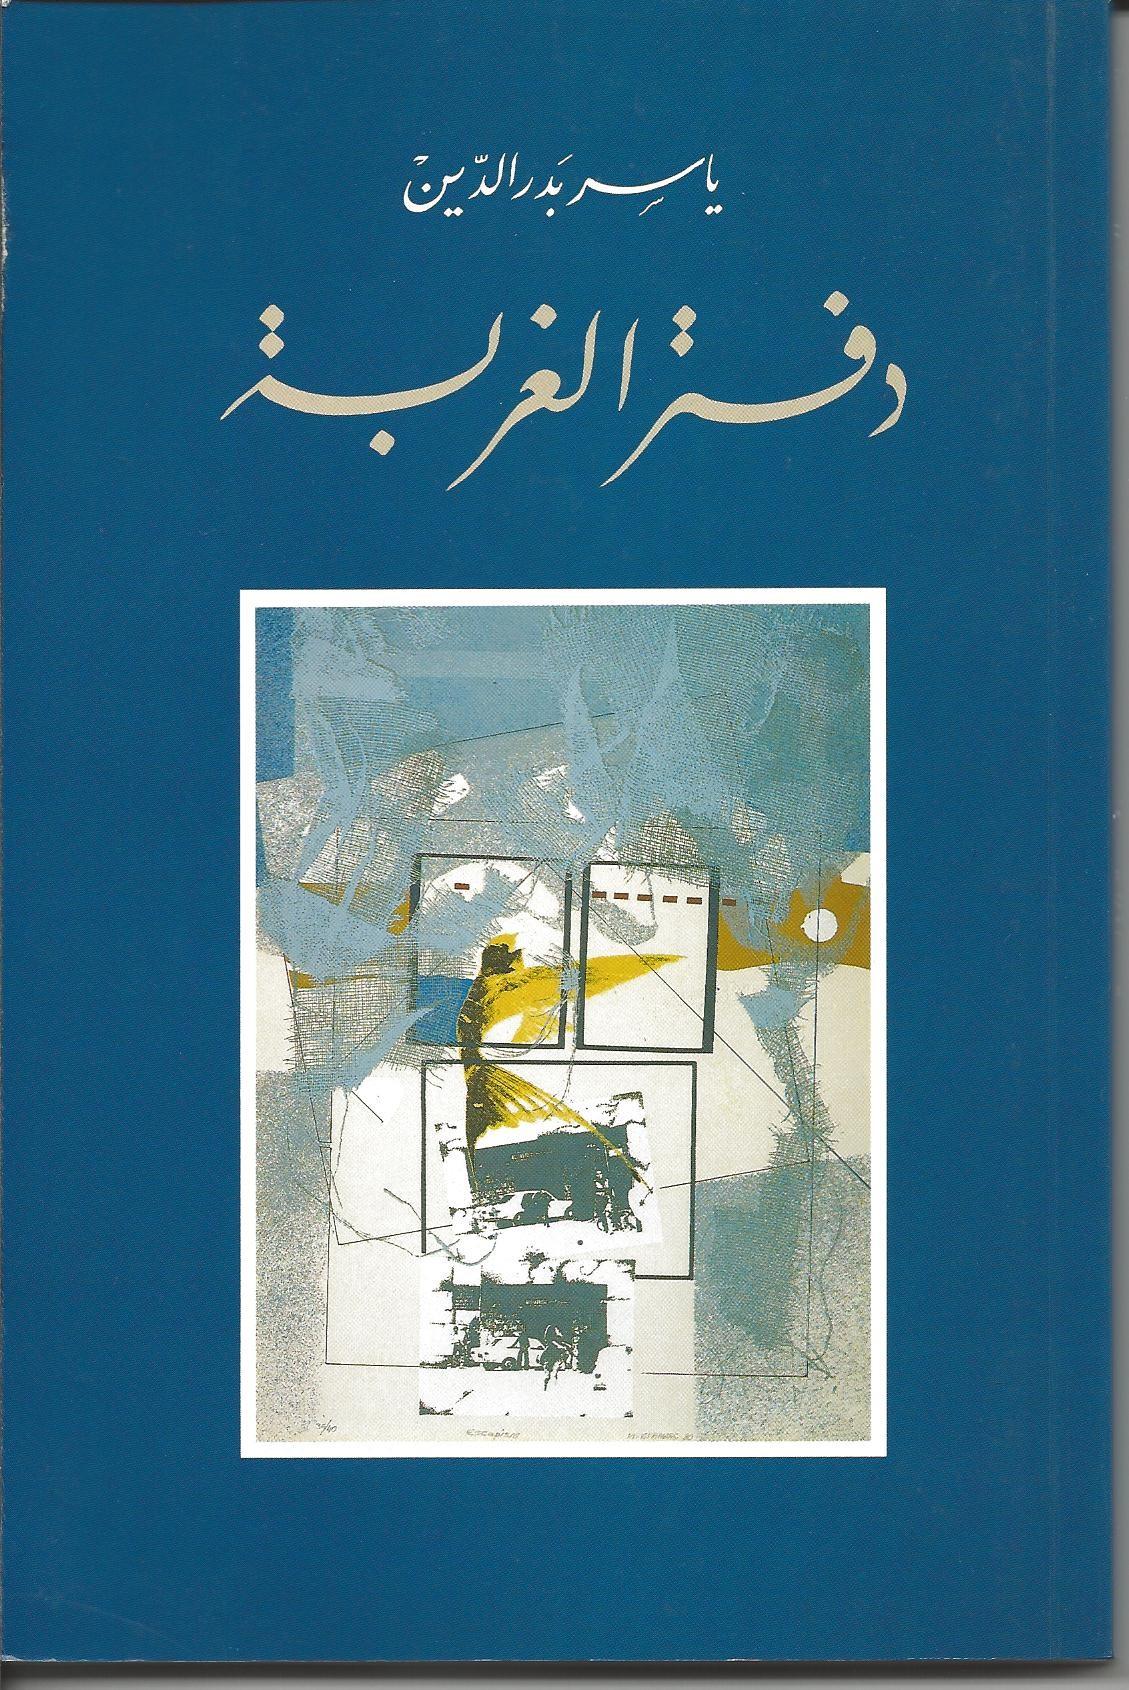 Dafter Al Ghourbah